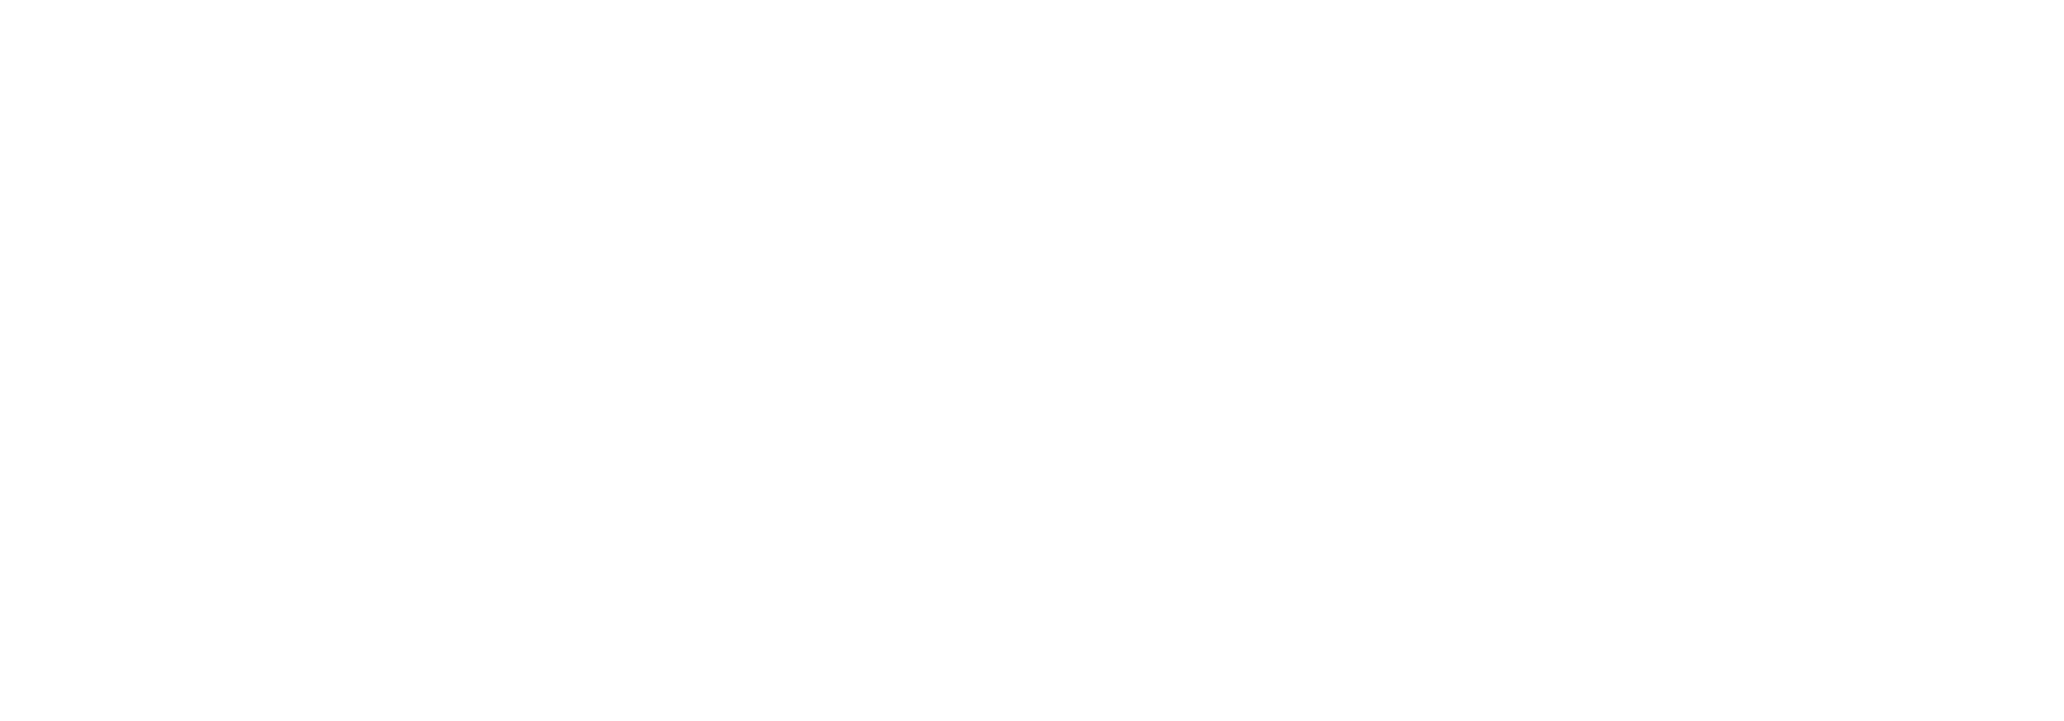 Final_Logo_01_Zeichenfläche 1